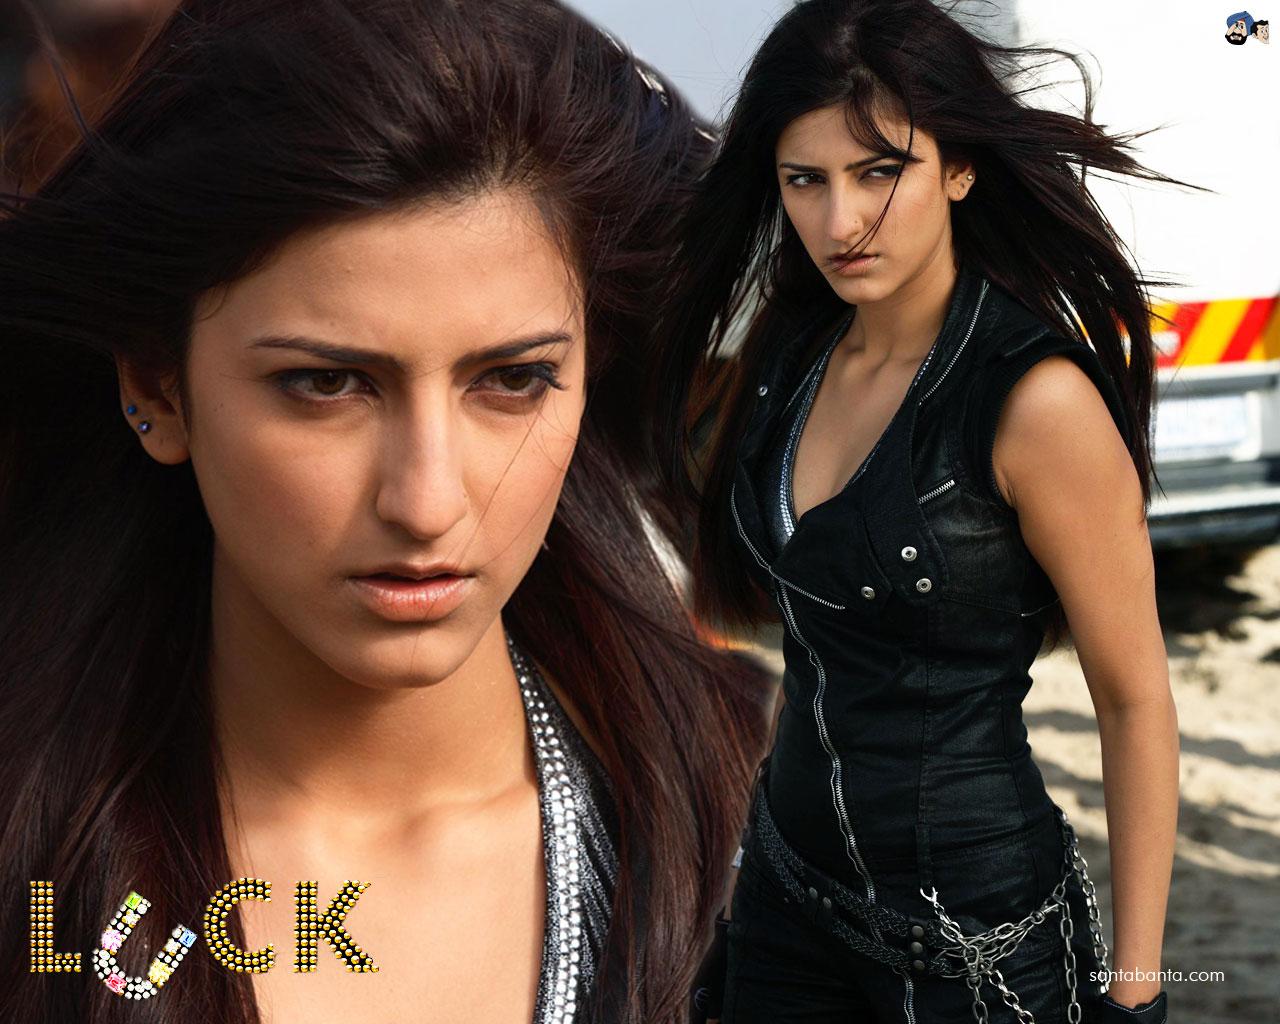 Cine Film Actors Rakta Charitra: :::CINE FILM ACTORS: LUCK FILM WALLPAPERS:::